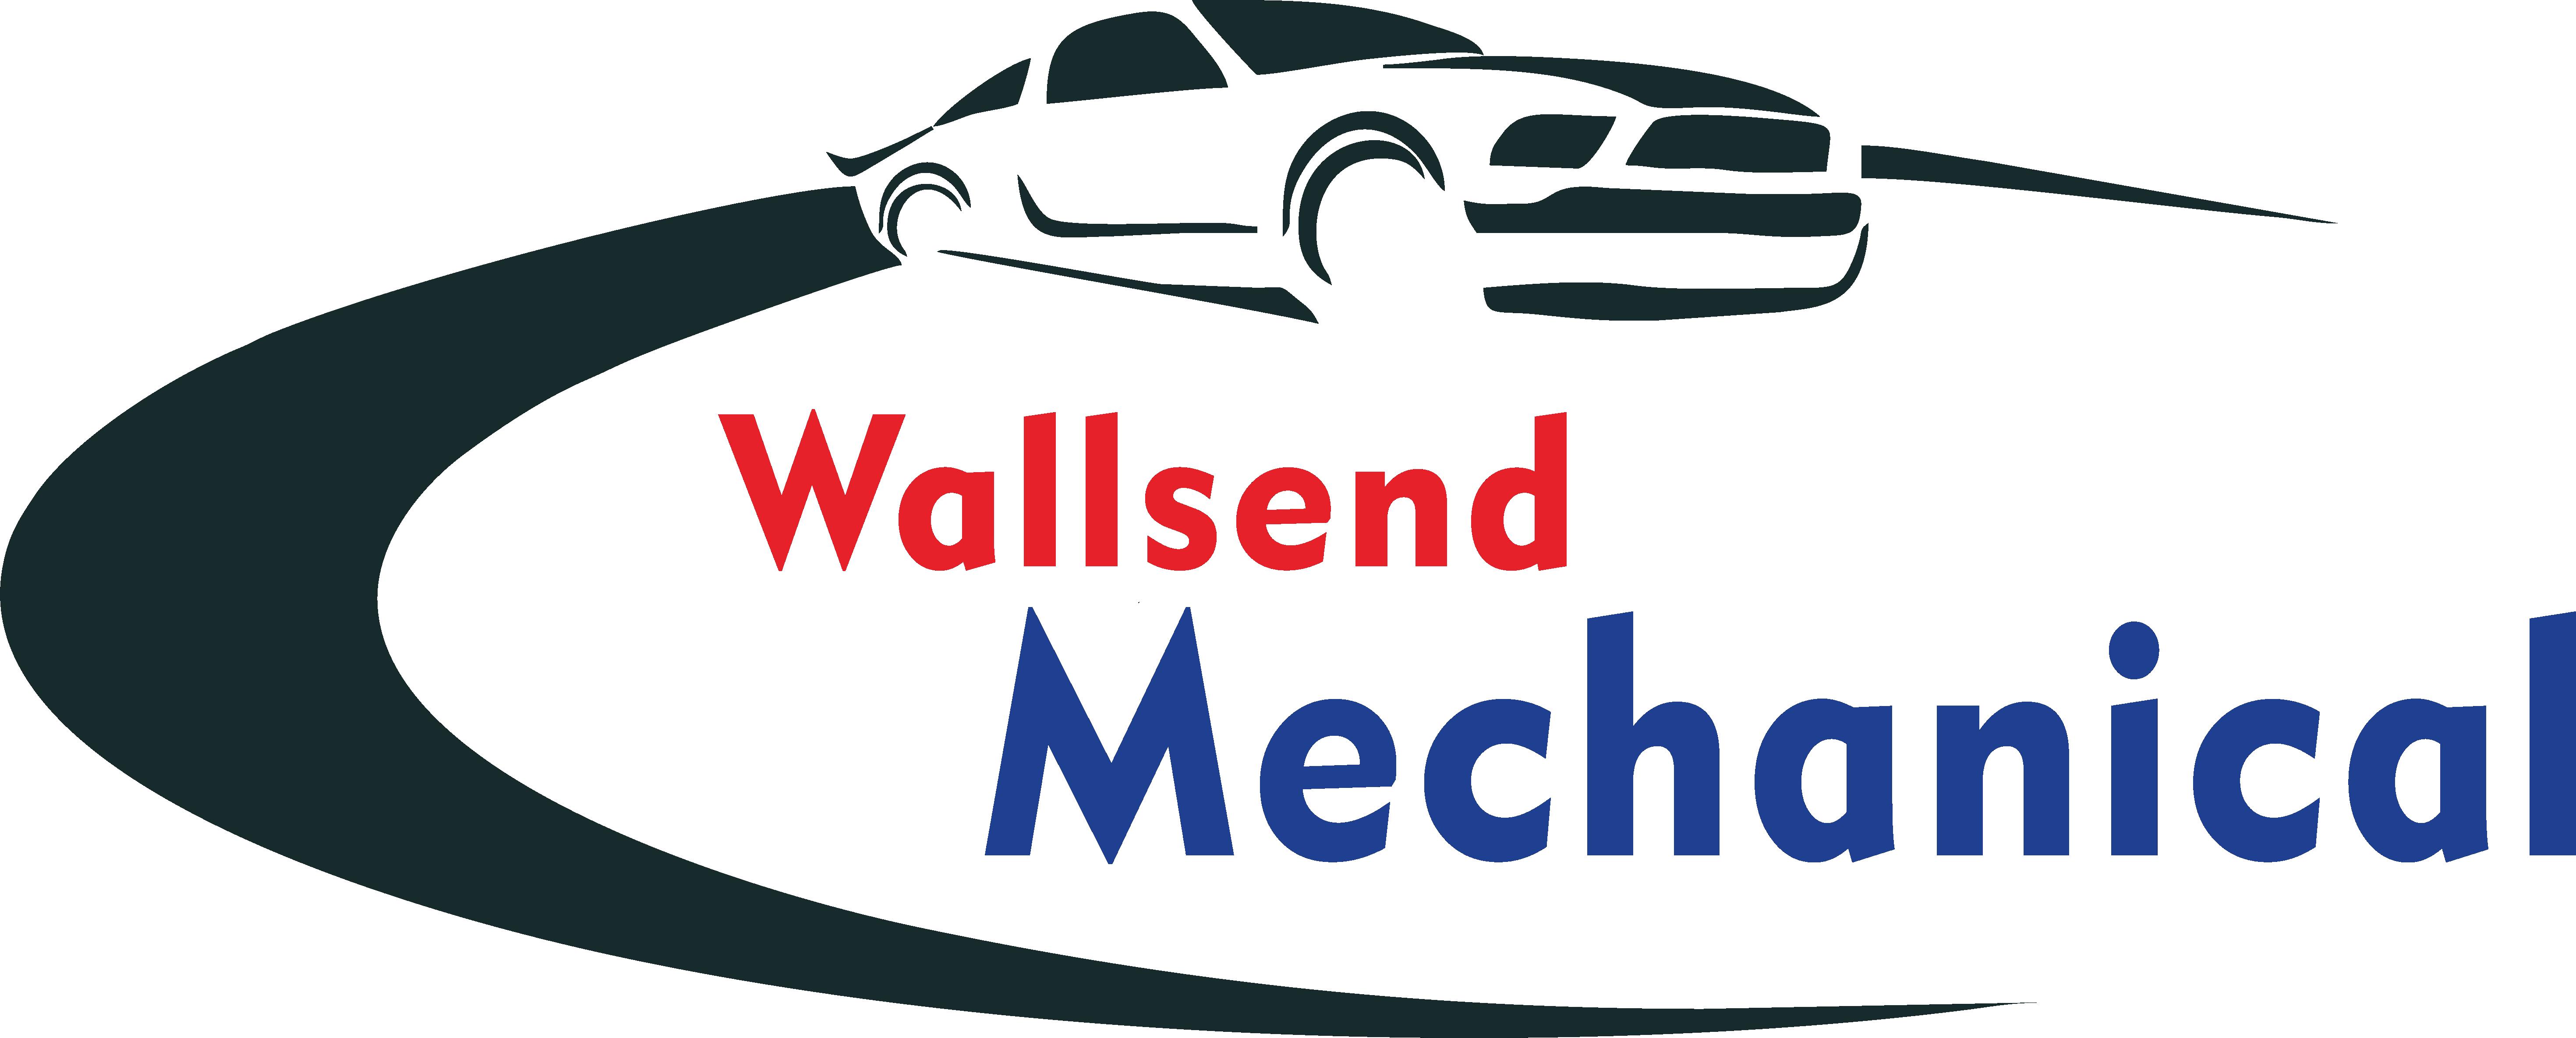 Wallsend auto air exhaust. Mechanic clipart mechanical force